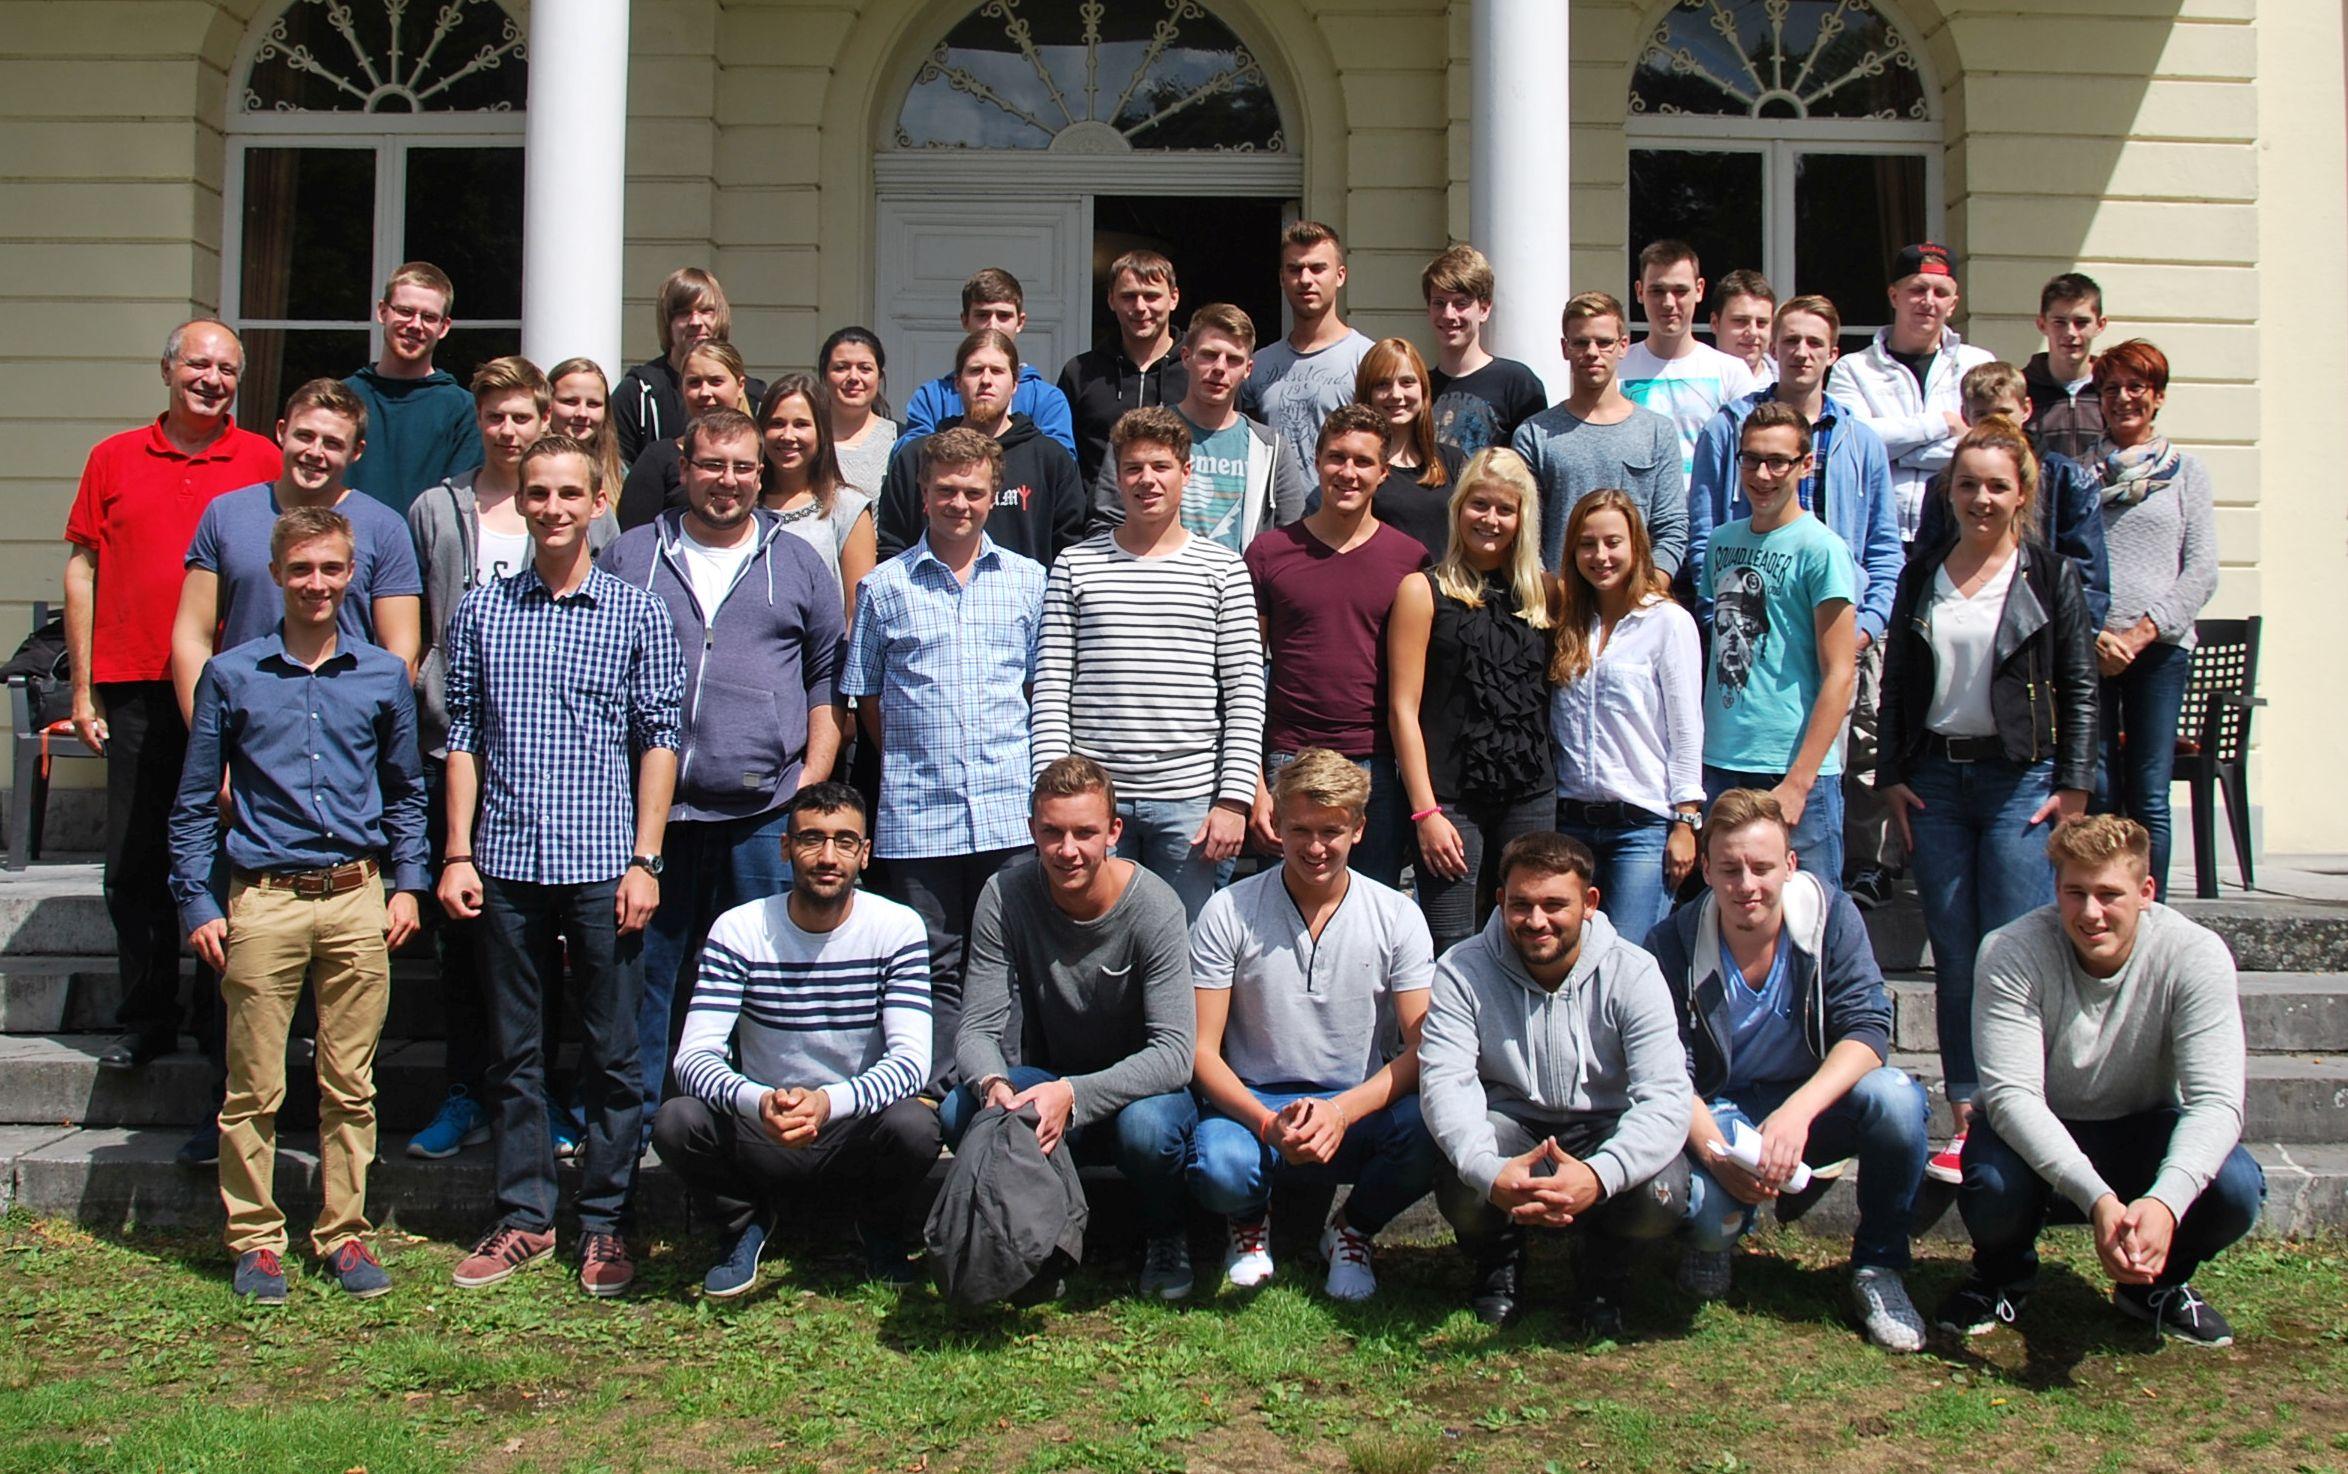 Neue Auszubildende bei der Einführungsschulung der Unternehmerschaft Niederrhein. (Foto: Unternehmerschaft Niederrhein)